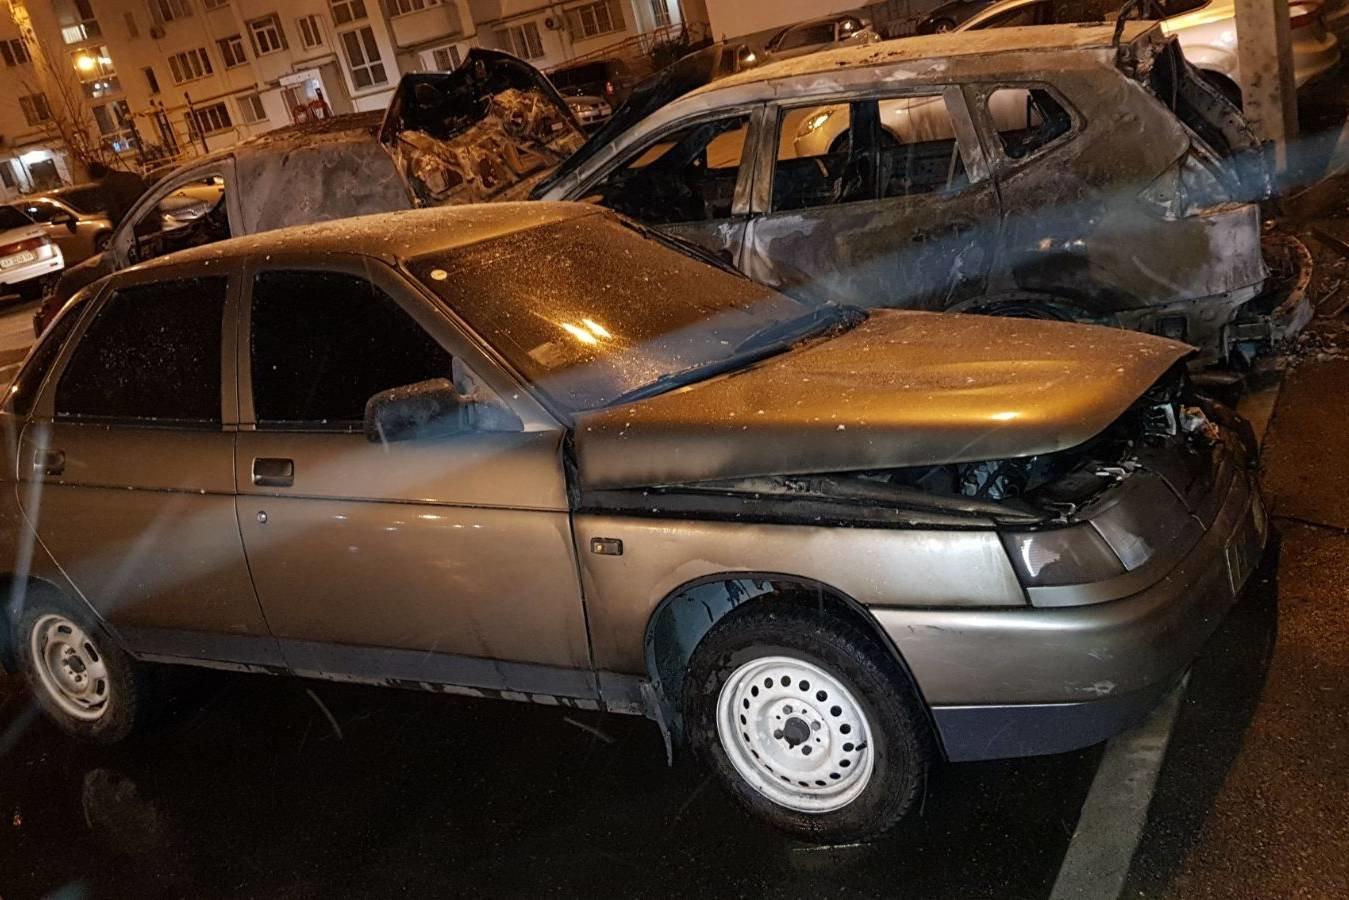 В Харькове во дворе «многоэтажки» сгорели три авто: одну из машин подожгли неизвестные, - ФОТО, ВИДЕО, фото-2